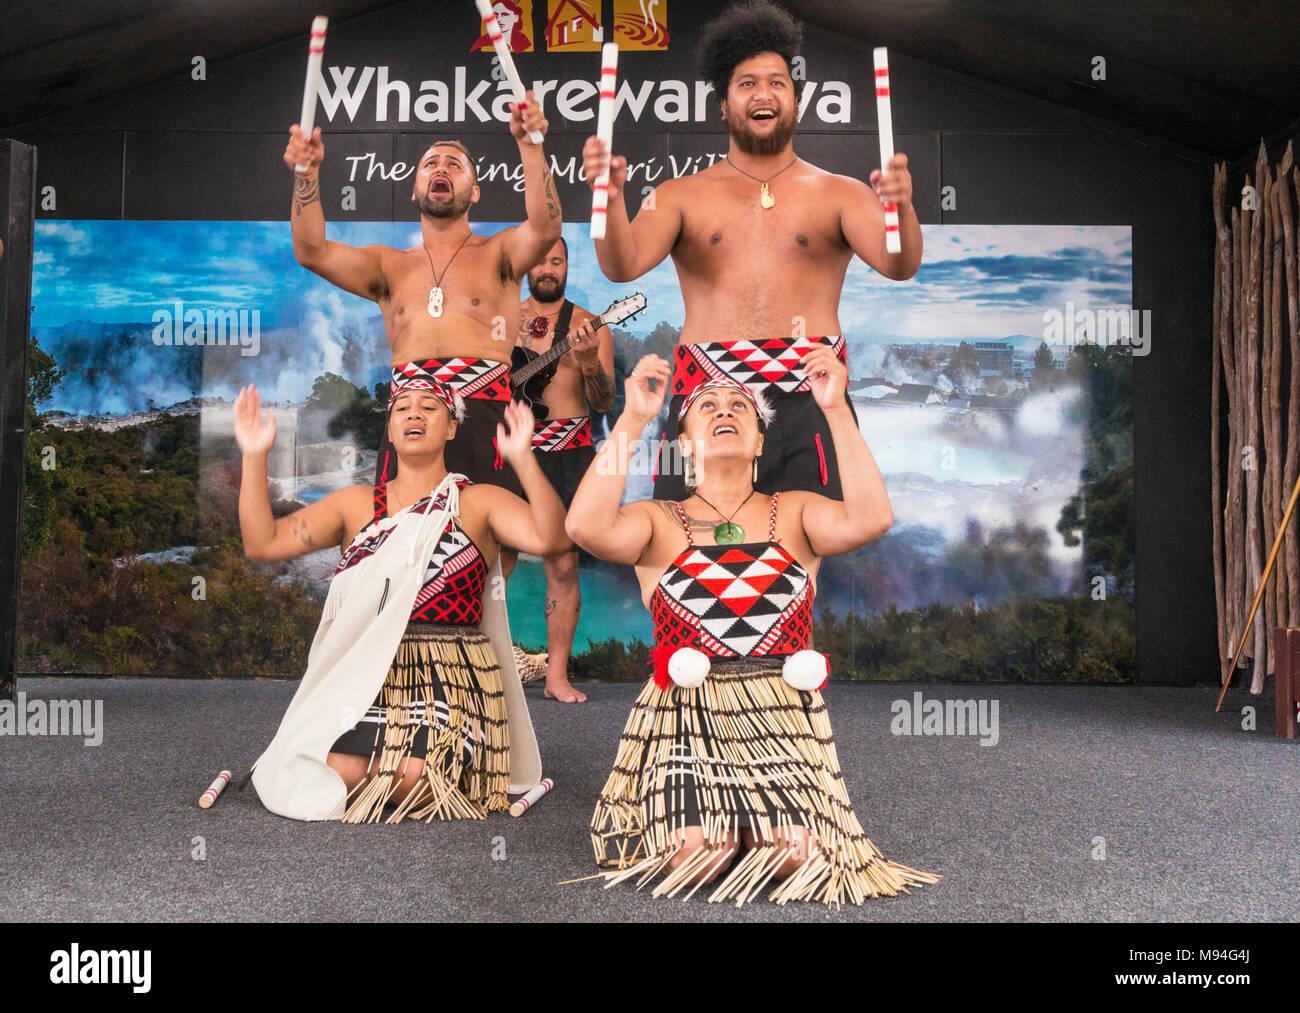 Nouvelle zélande Rotorua Nouvelle zélande Rotorua whakarewarewa divertissement culturel maori avec quatre danseurs maoris nz île du nord Nouvelle-Zélande Océanie Photo Stock